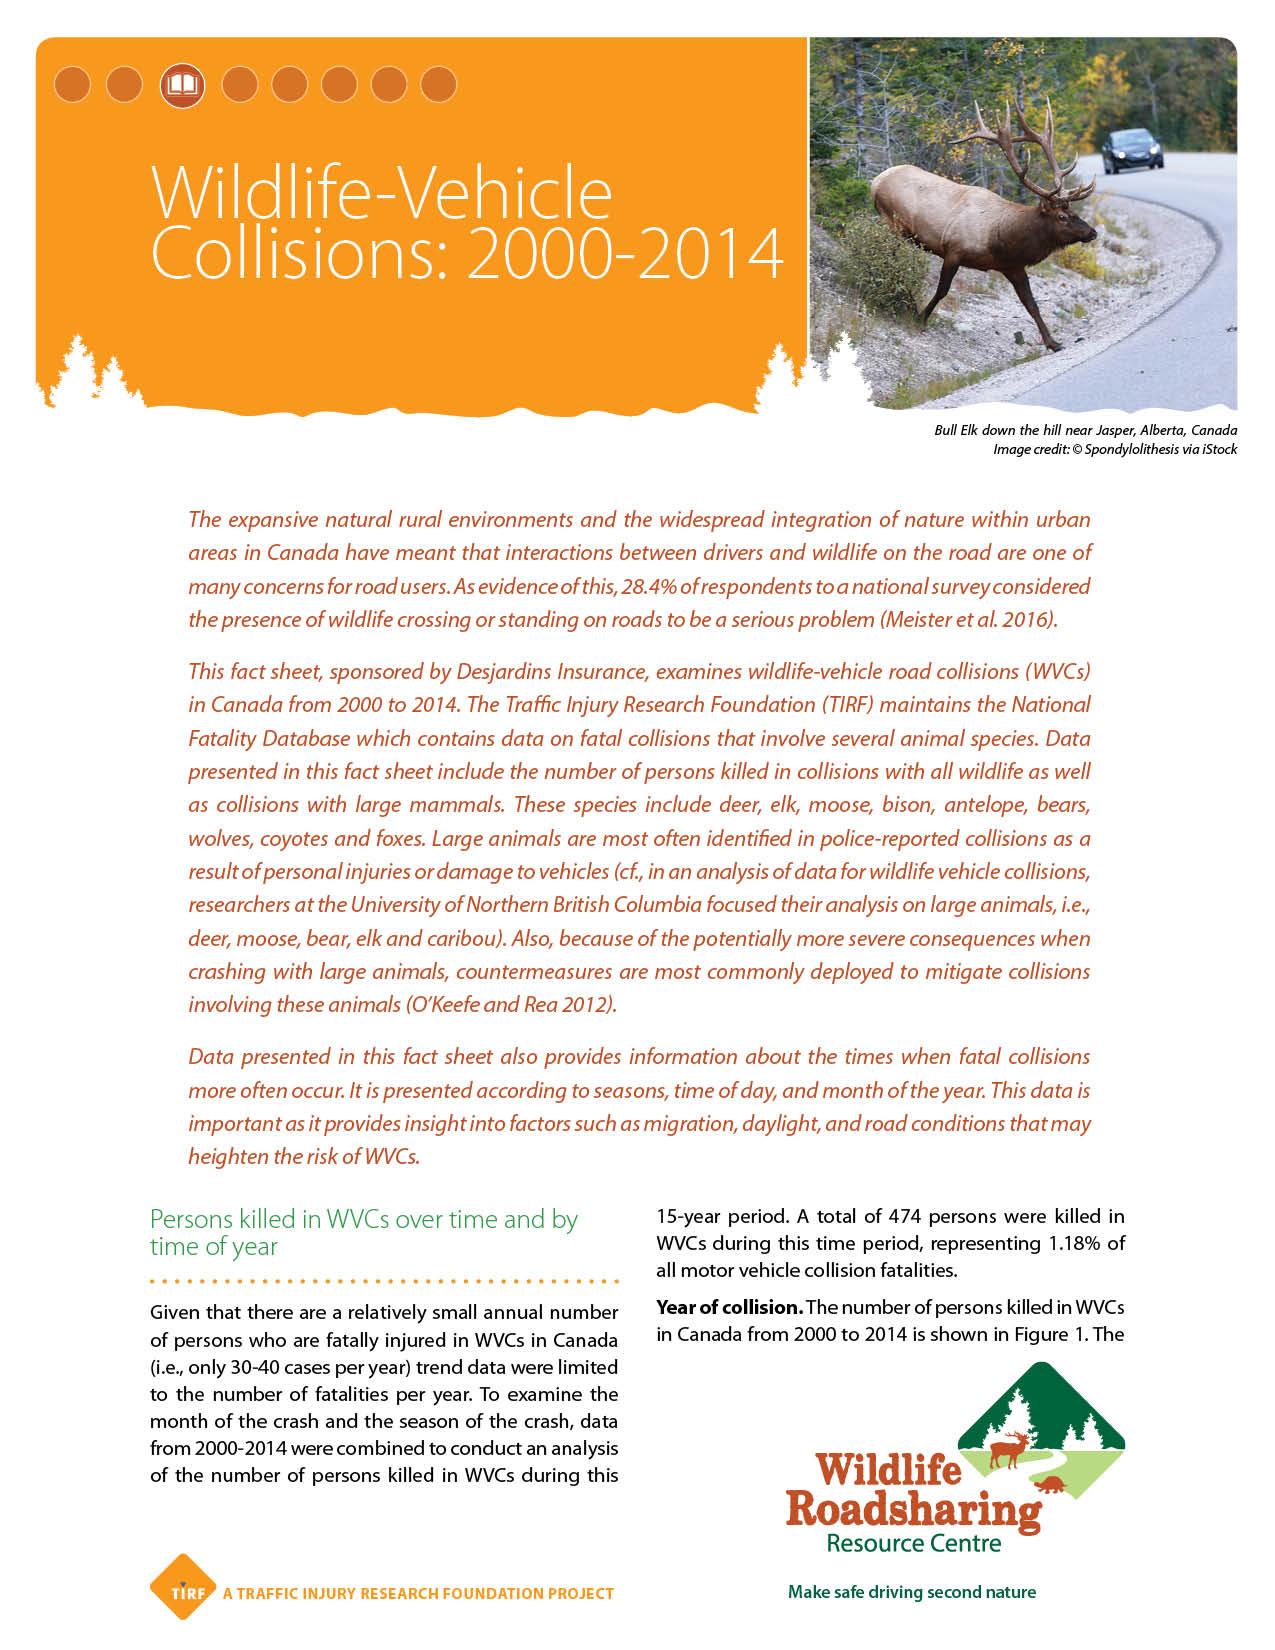 Wildlife-Vehicle Collisions: 2000-2014